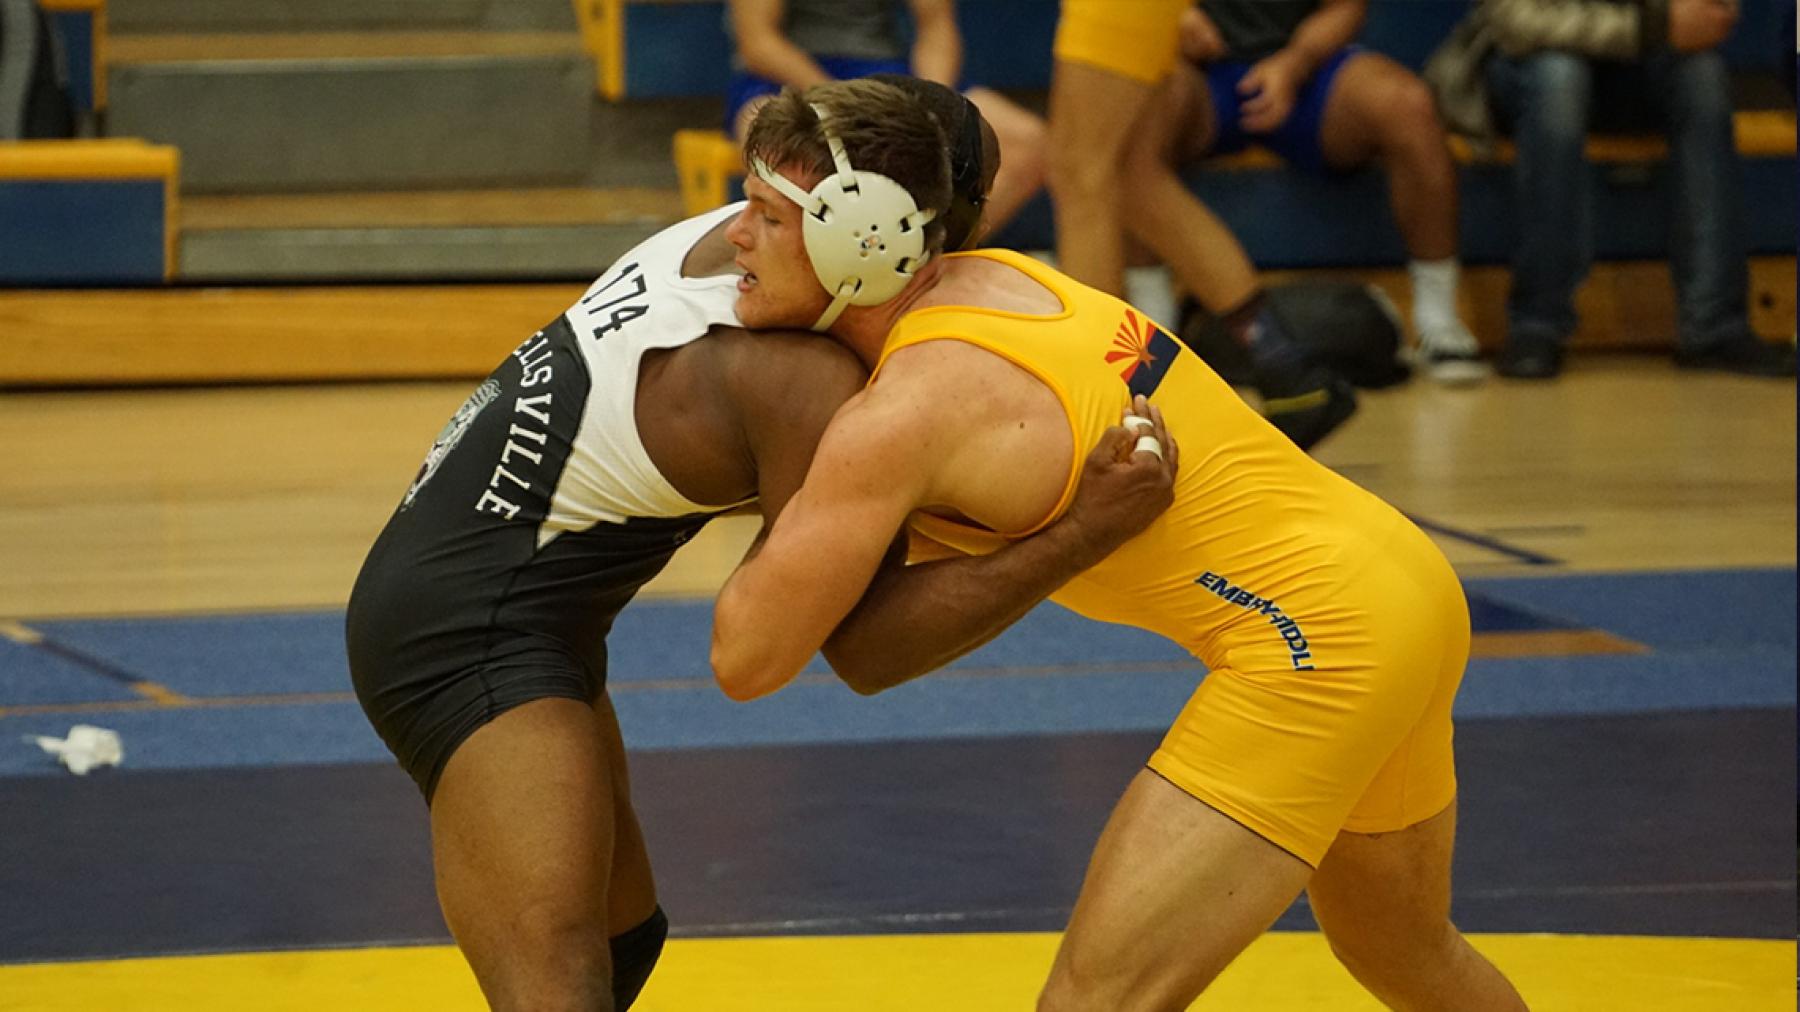 2020-21 Men's Wrestling | Embry-Riddle Aeronautic University (Arizona)  Athletics